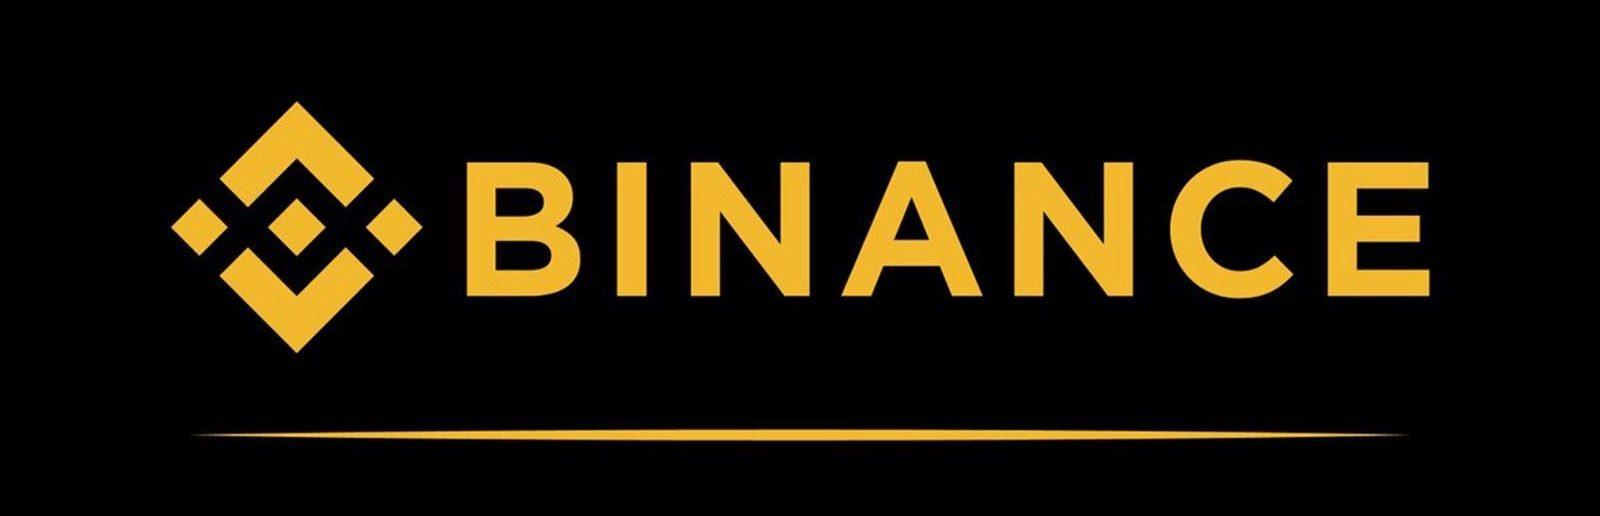 Binance | Best Staking Coins in 2021